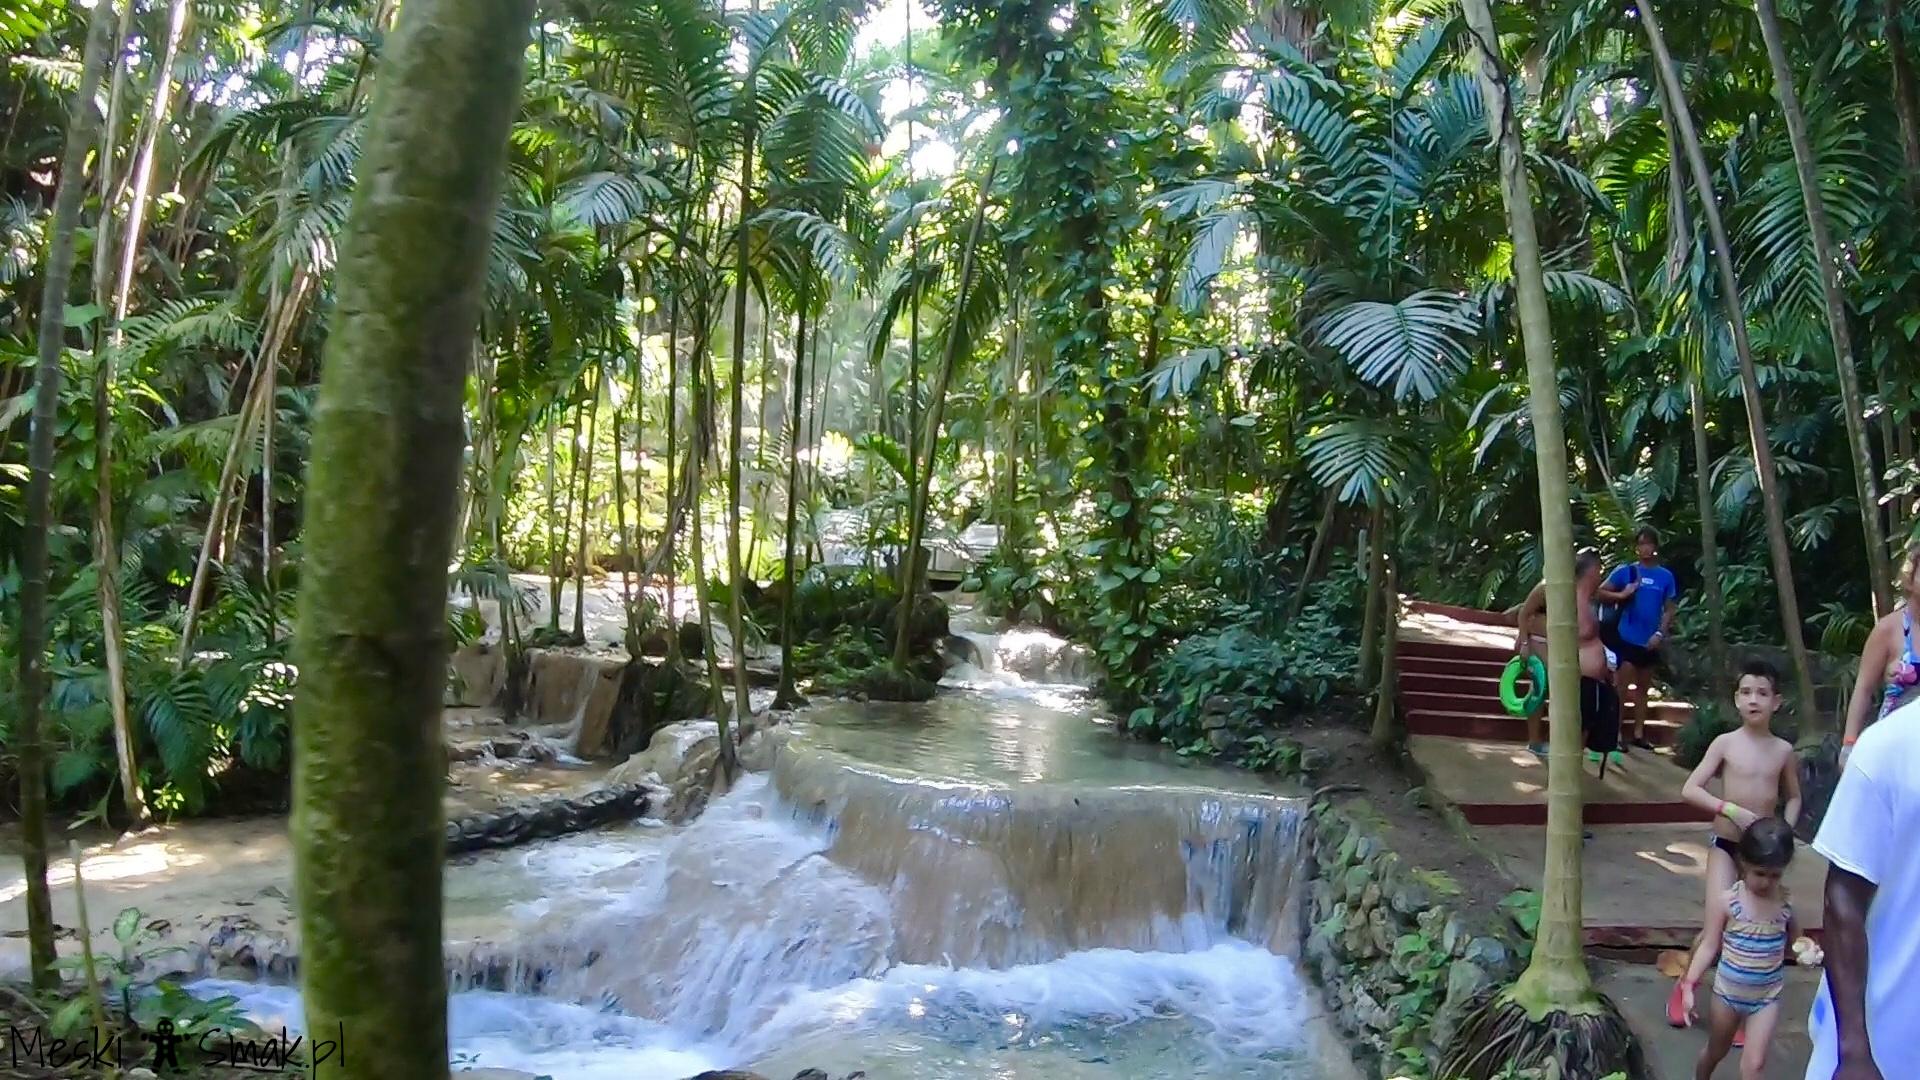 Wakacje i wycieczki Jamajka_The Turtle River Falls & Gardens